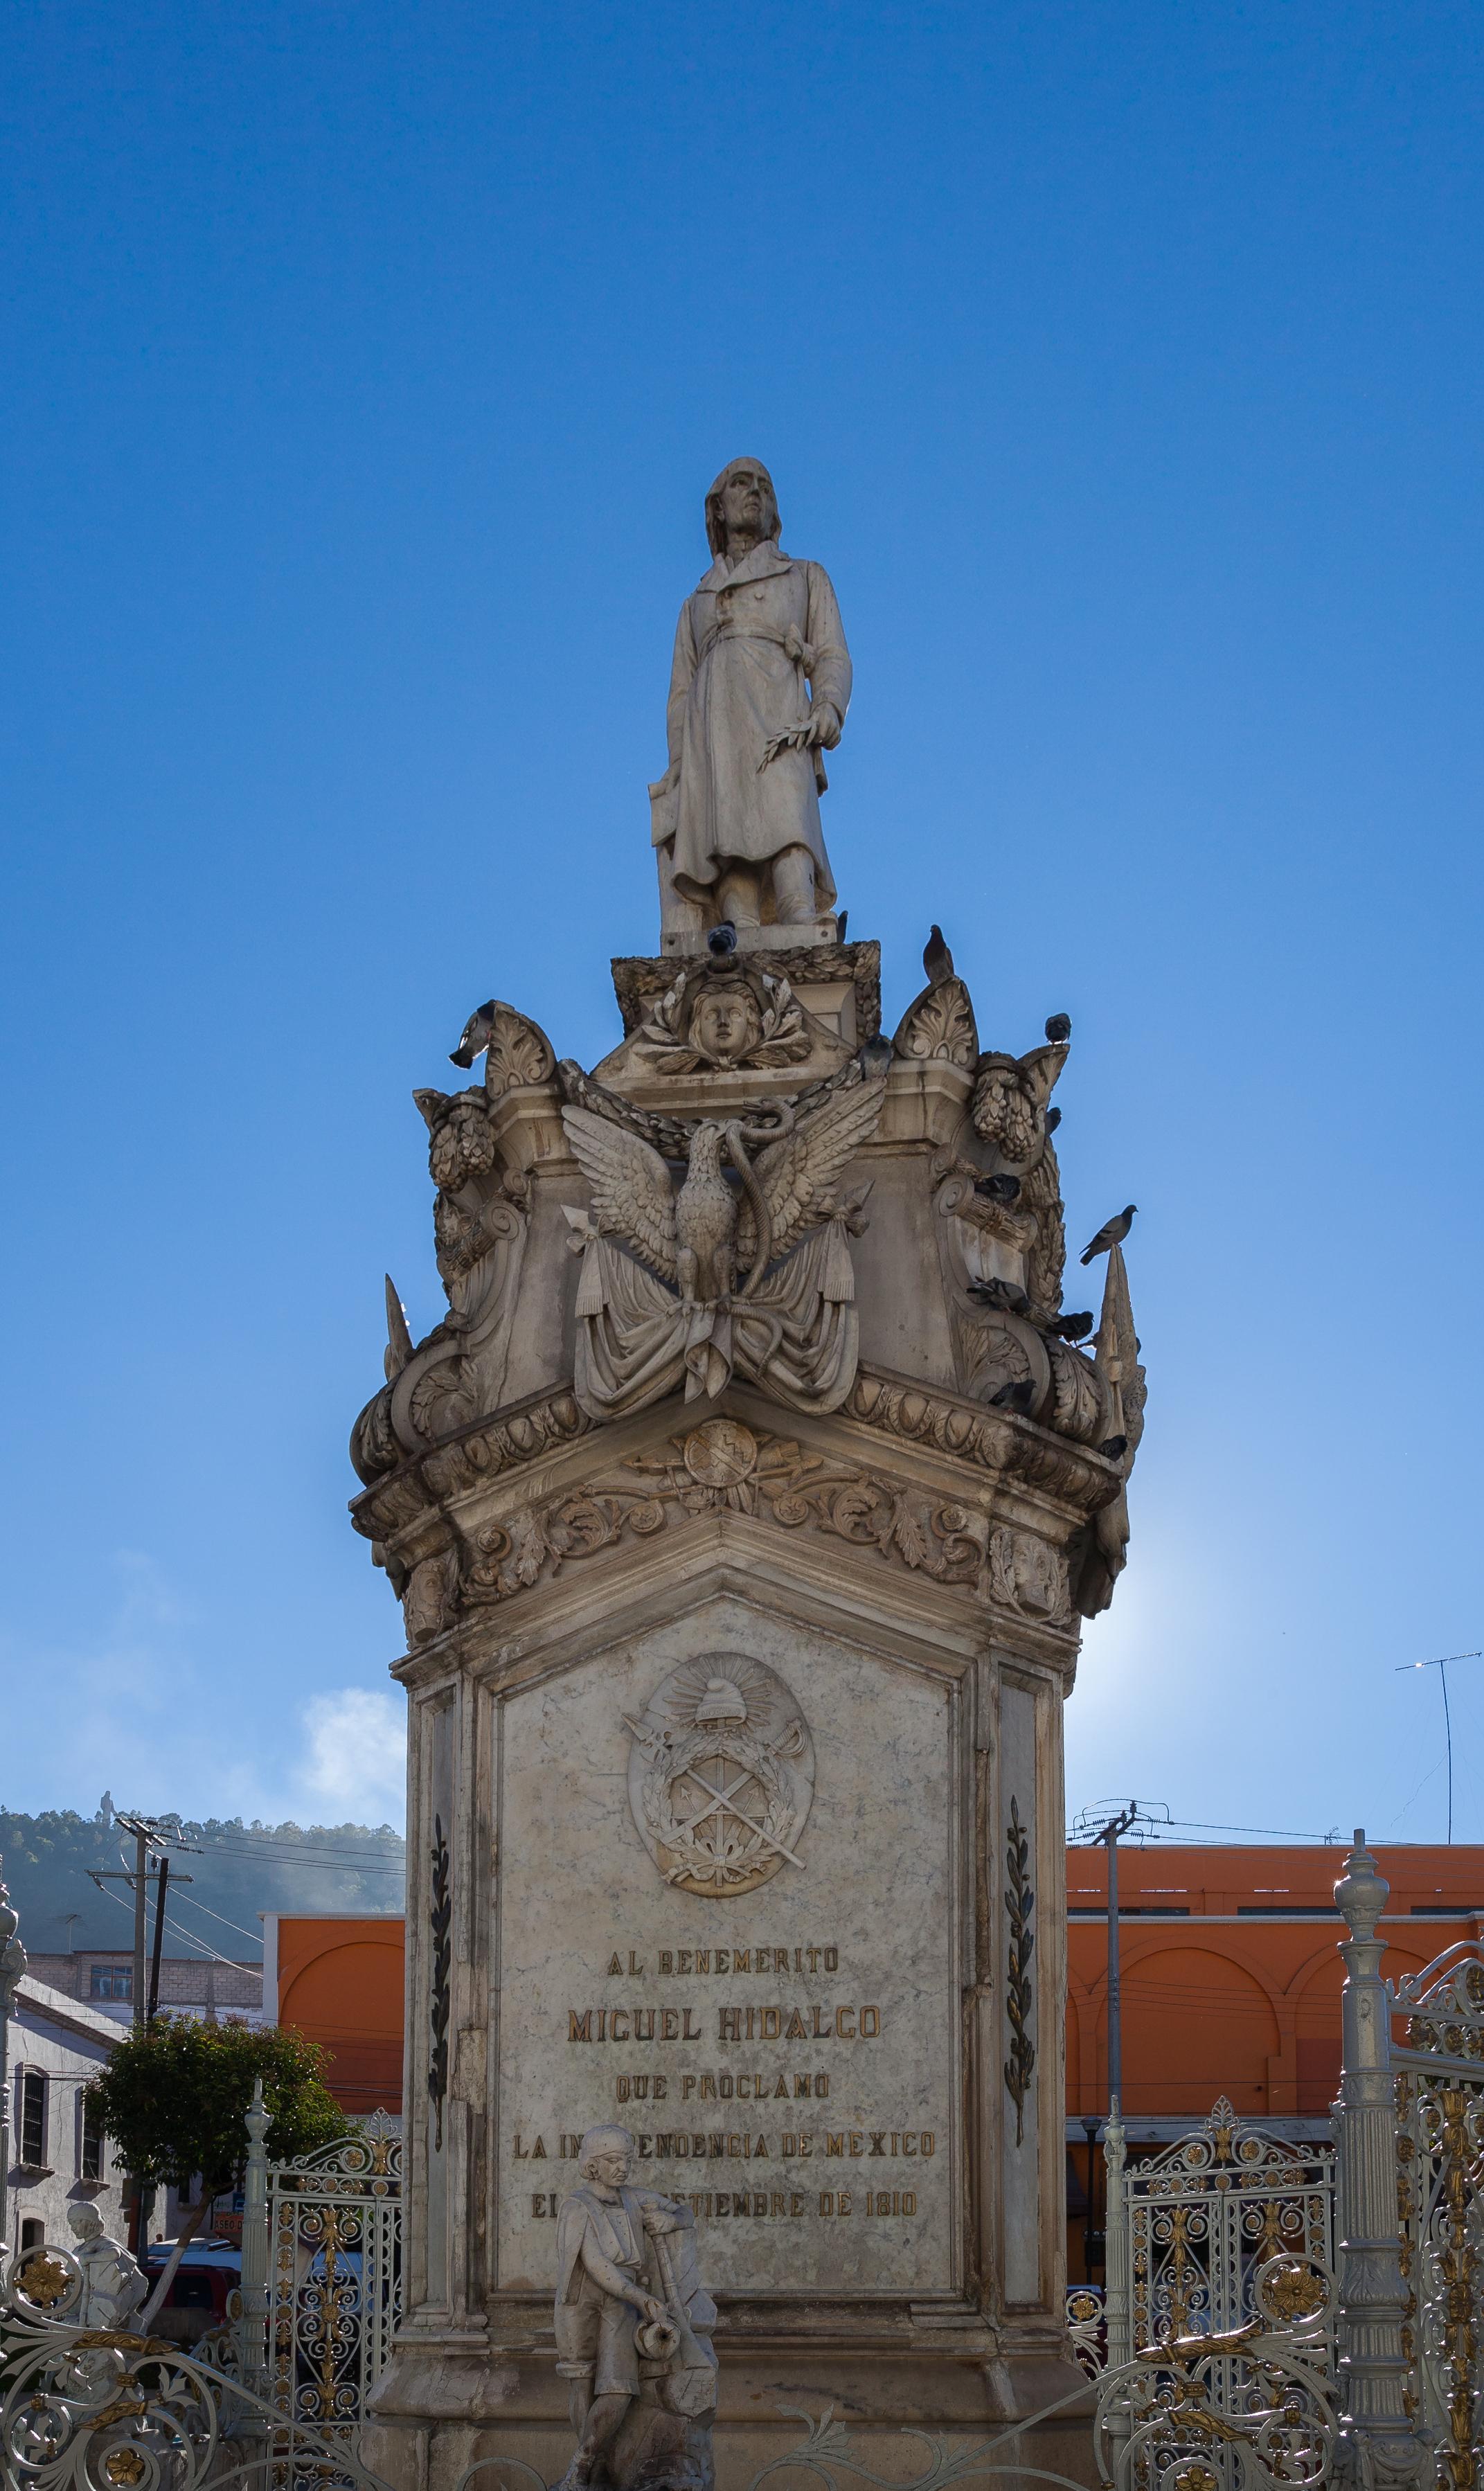 File:Plaza De La Constitución, Pachuca, Hidalgo, México